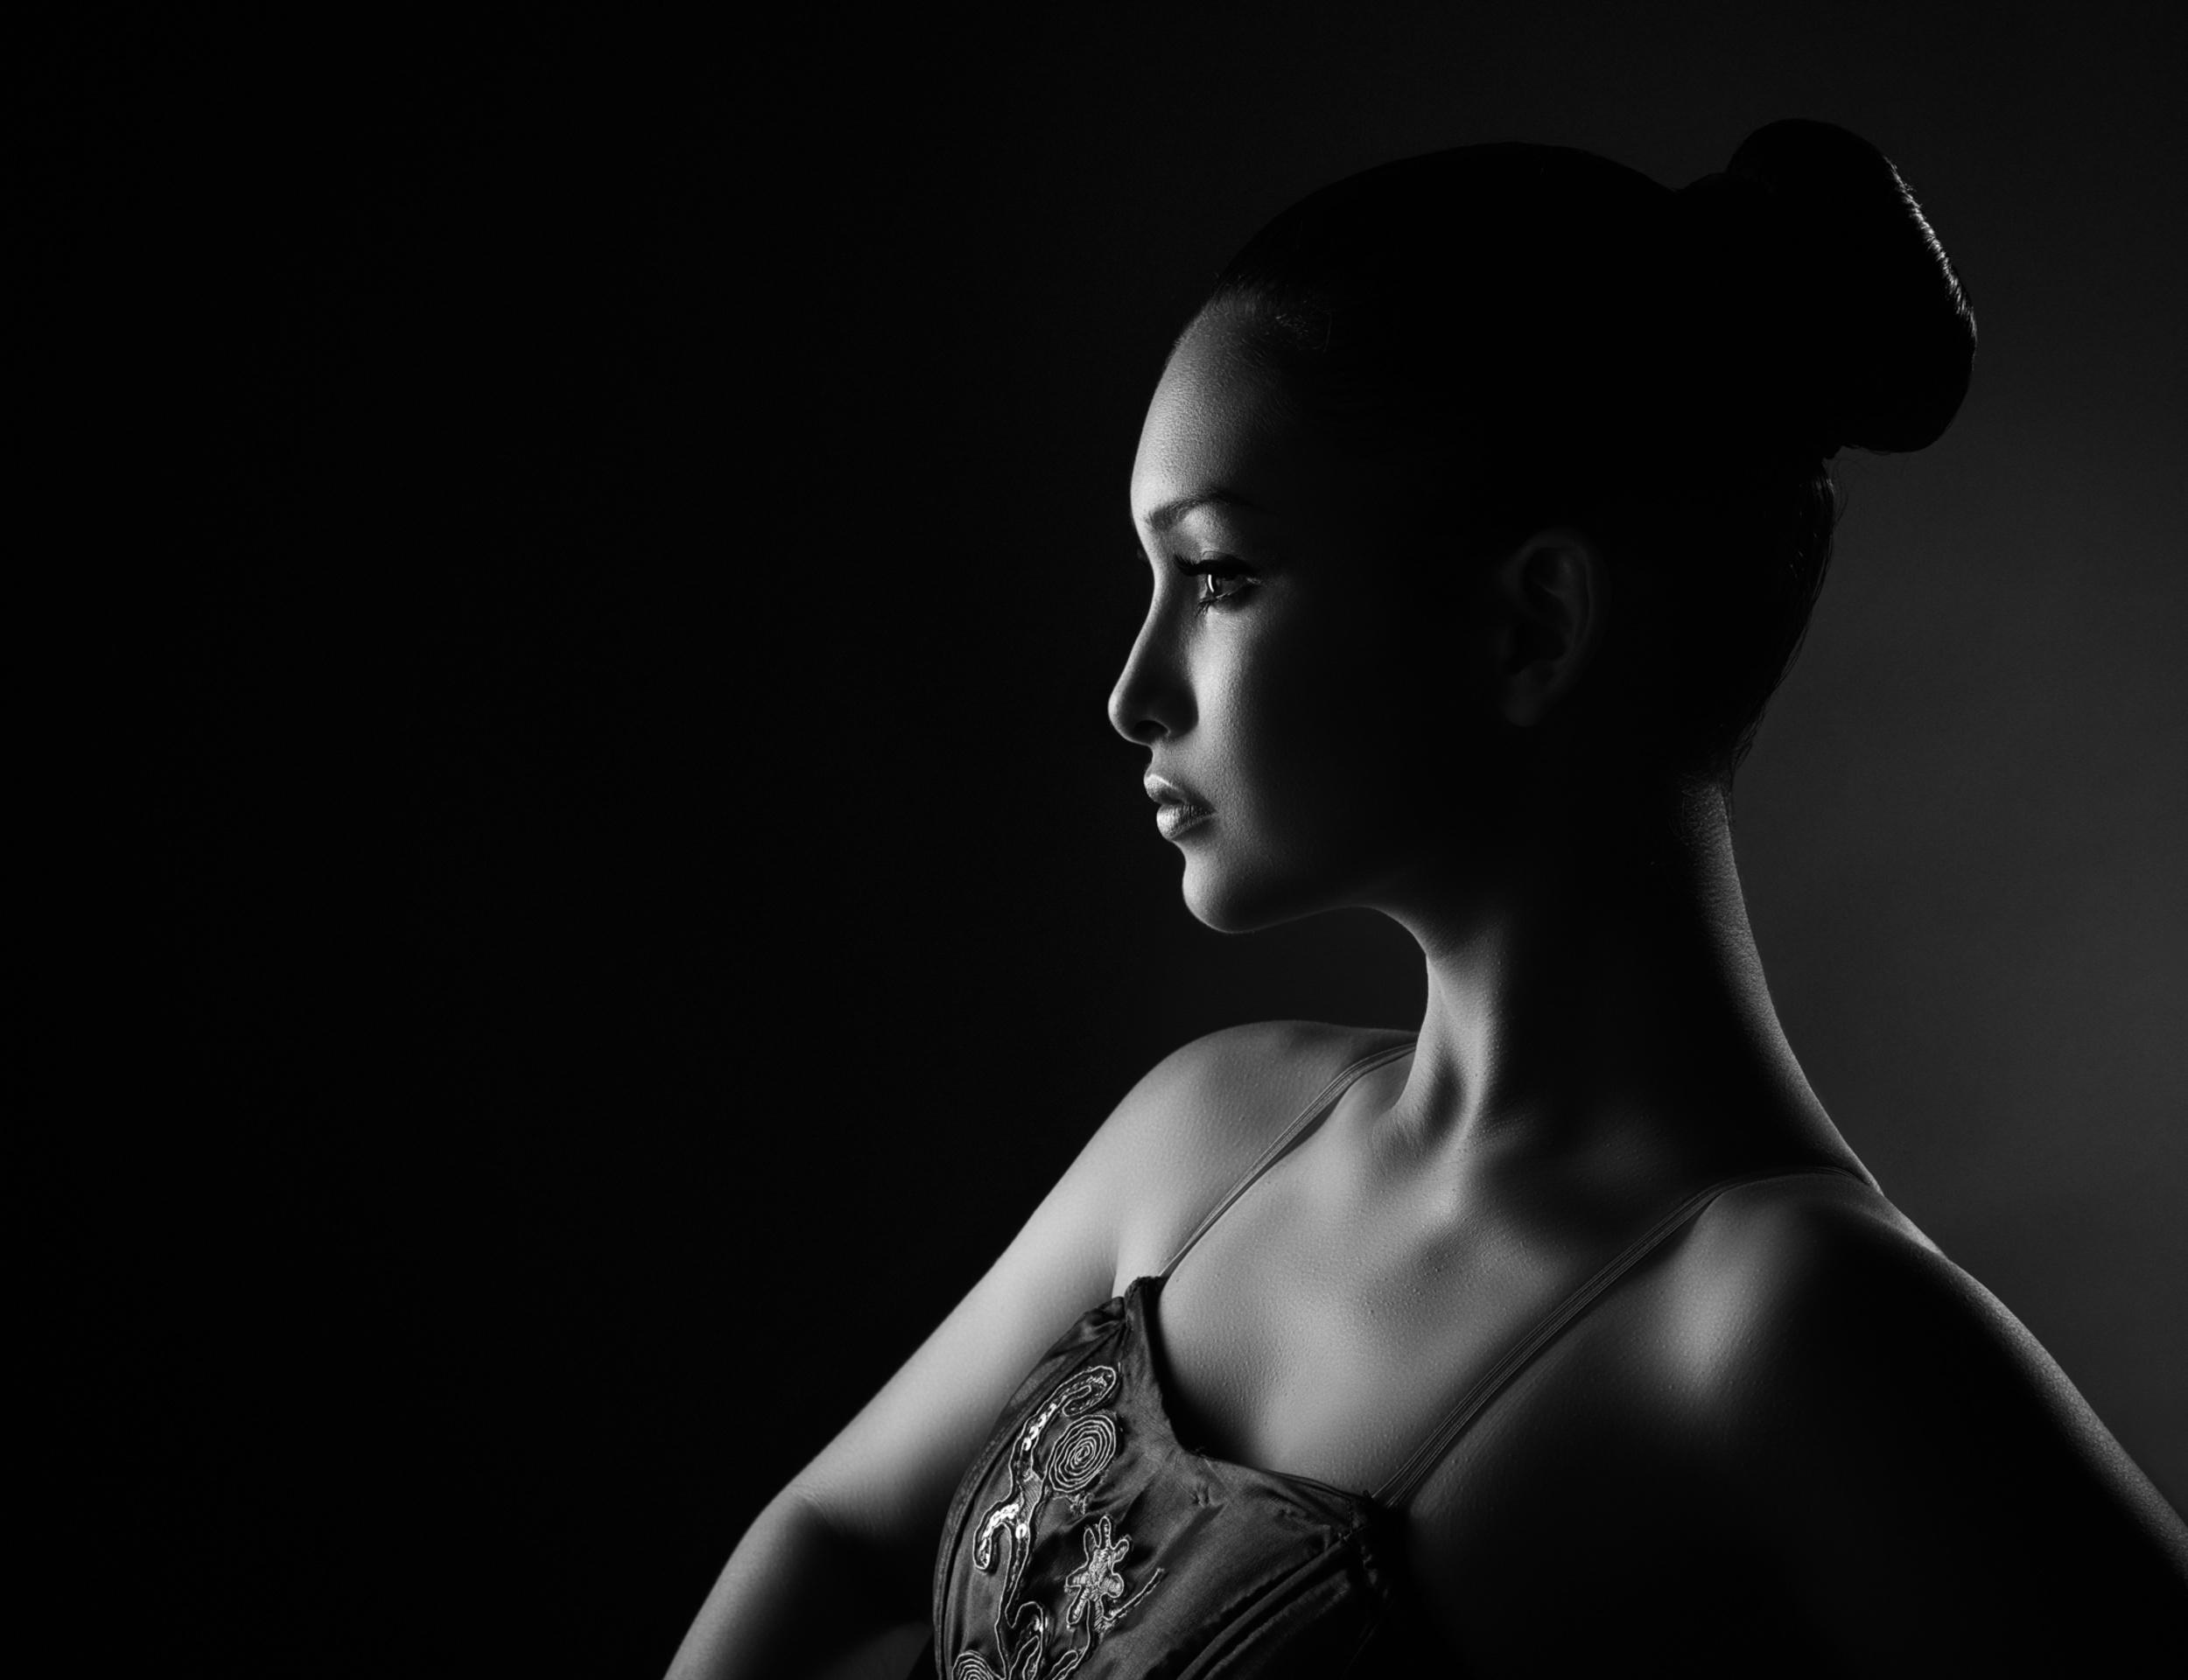 как в портретной фотографии создать черный фон выращенные неволе